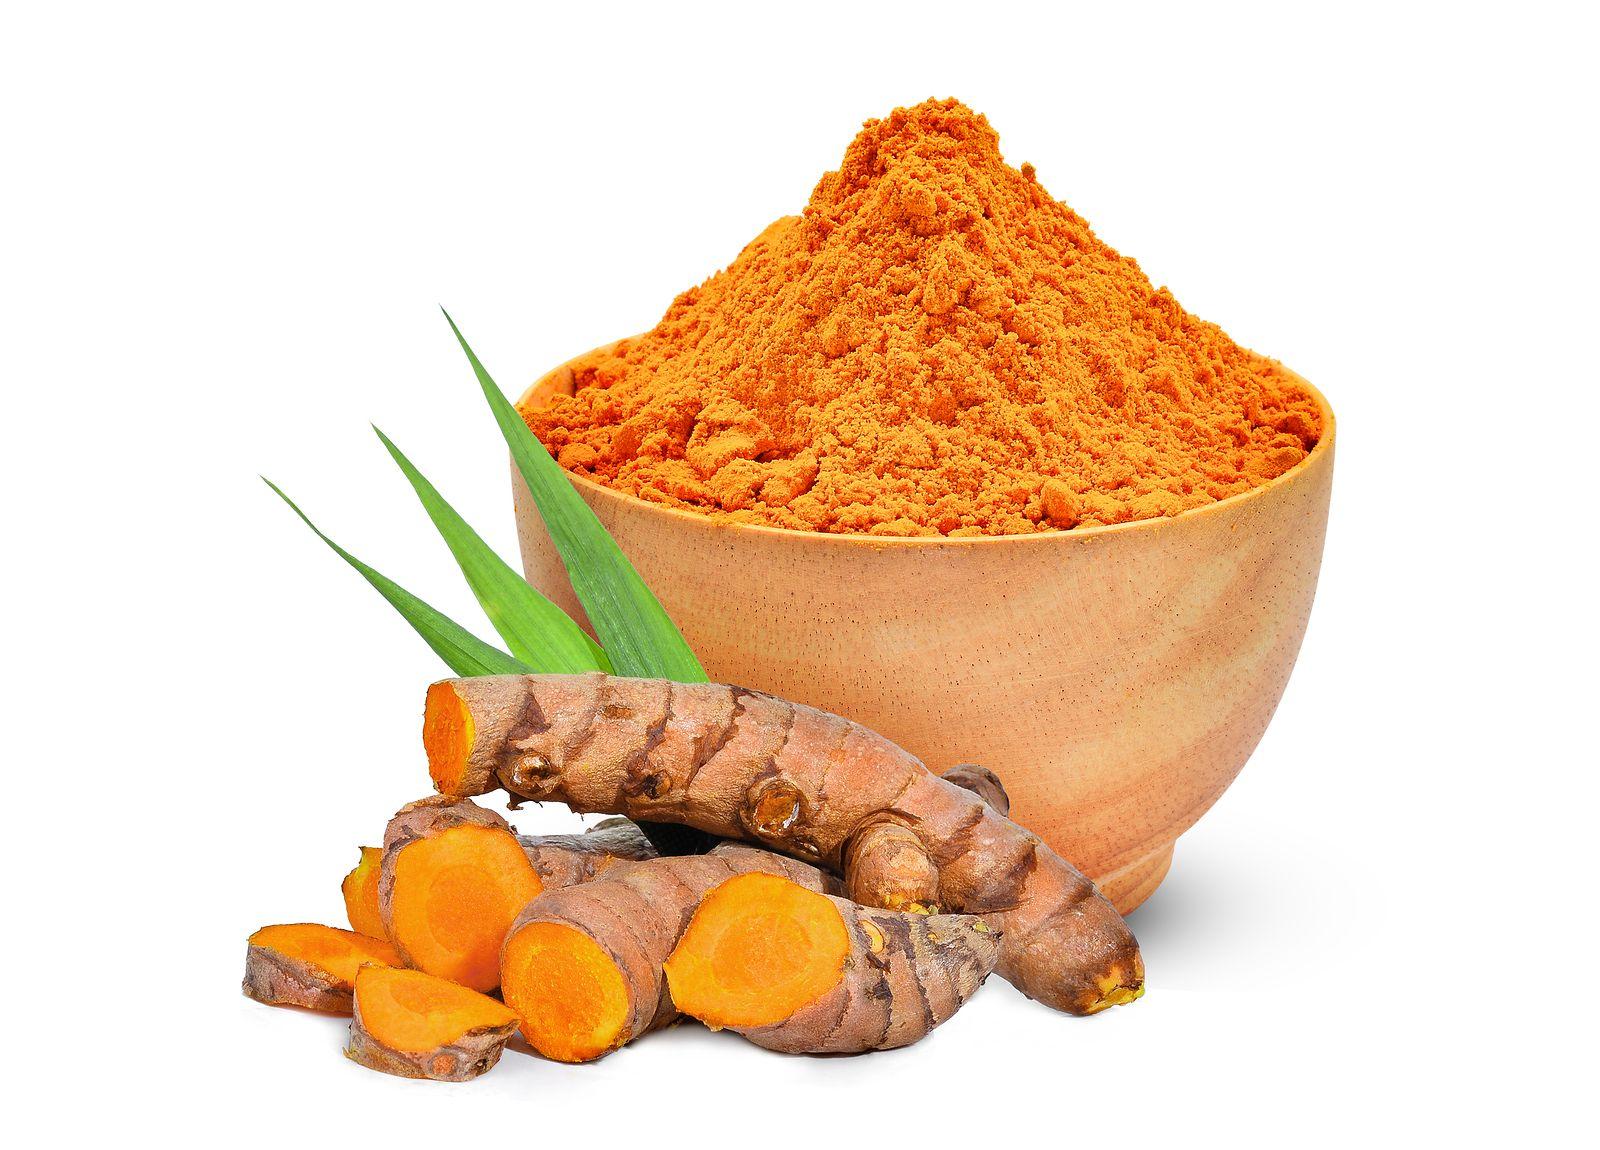 AgroA - Propiedades, beneficios y usos de la cúrcuma